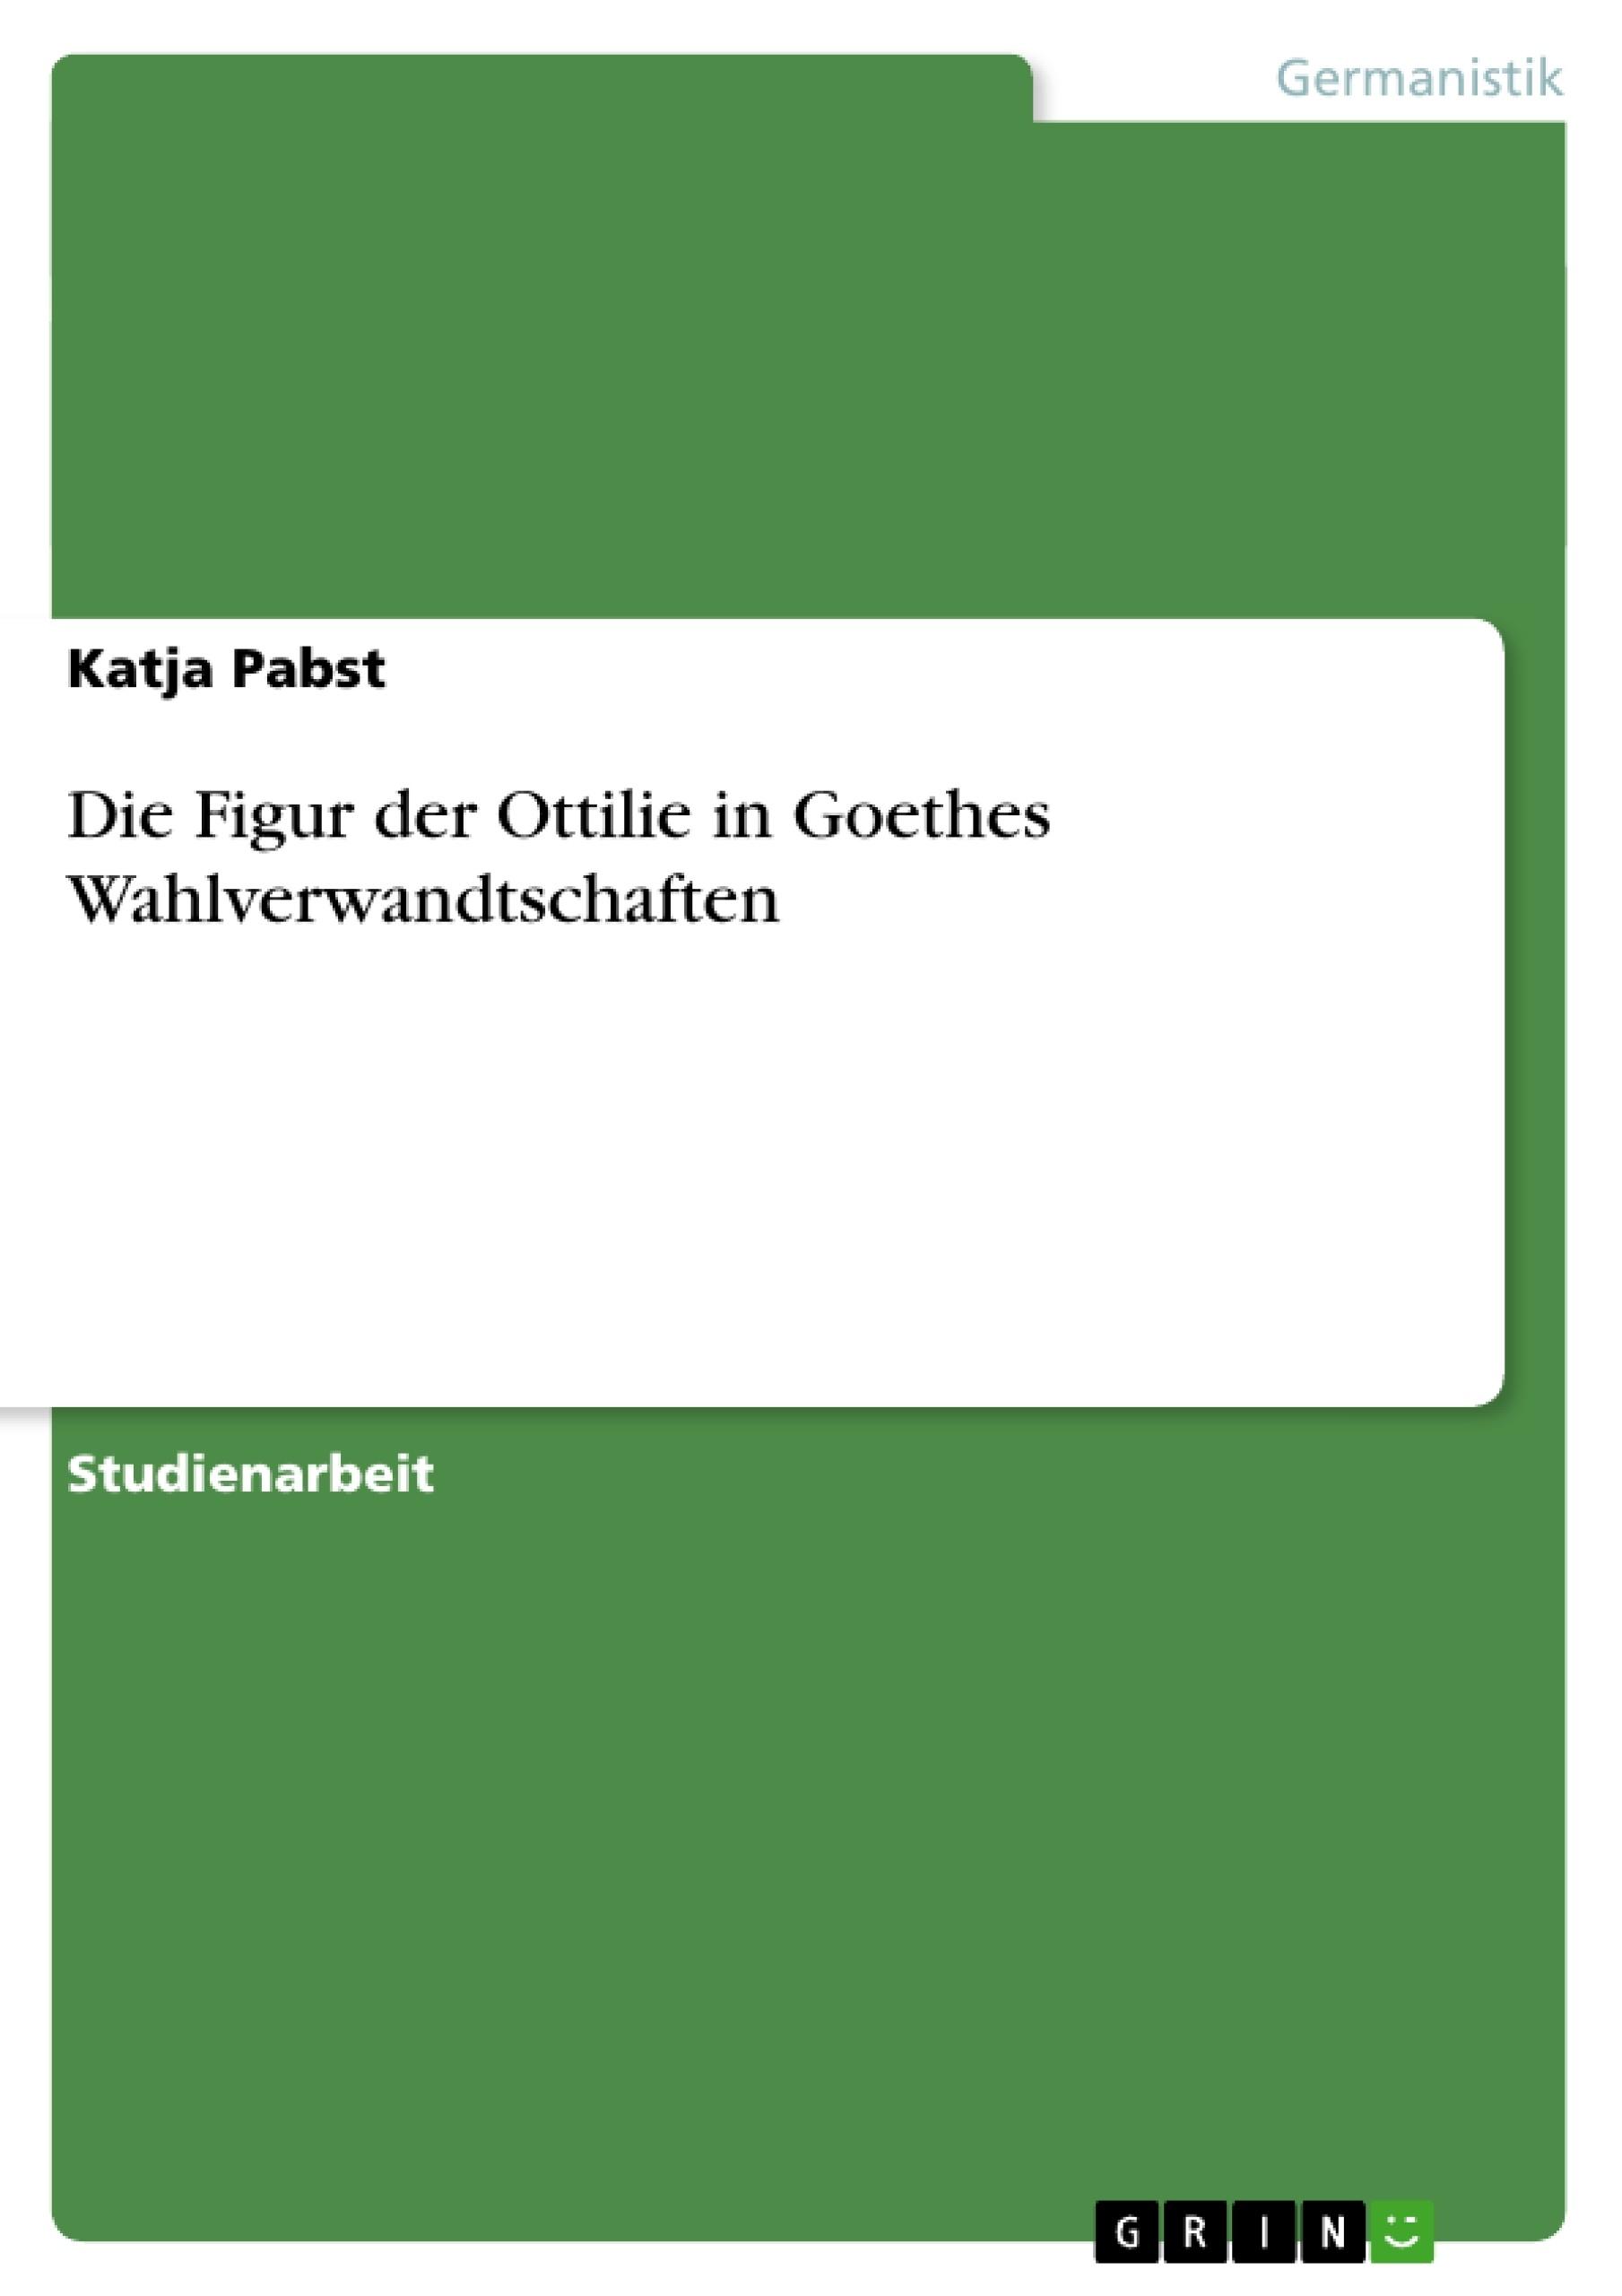 Titel: Die Figur der Ottilie in Goethes Wahlverwandtschaften